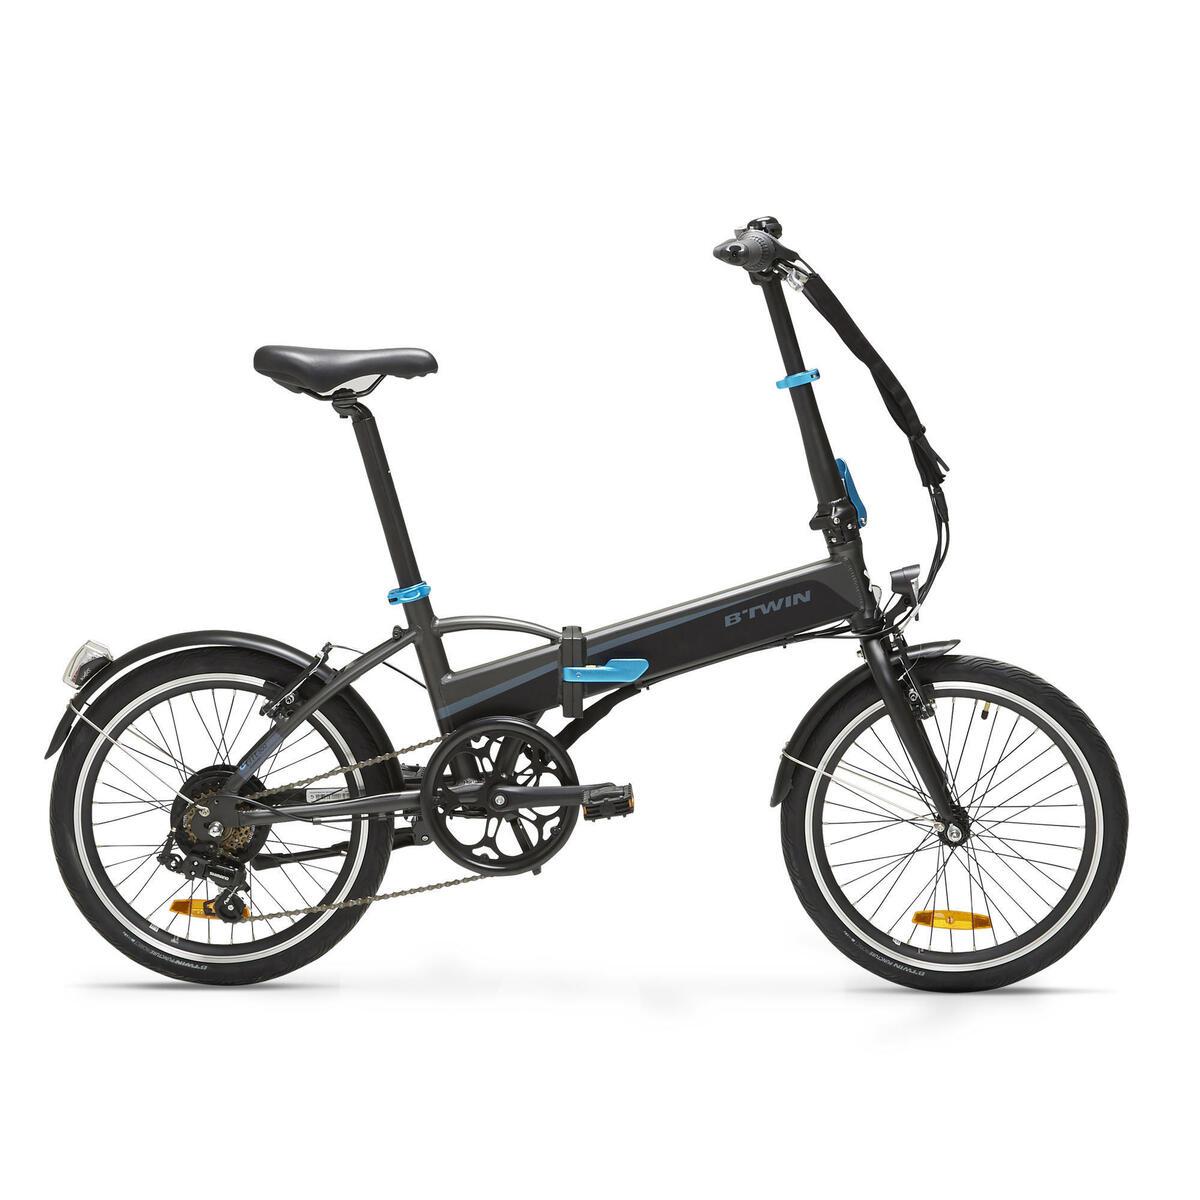 Bild 1 von E-Bike Faltrad Klapprad 20 Zoll Tilt 500E schwarz